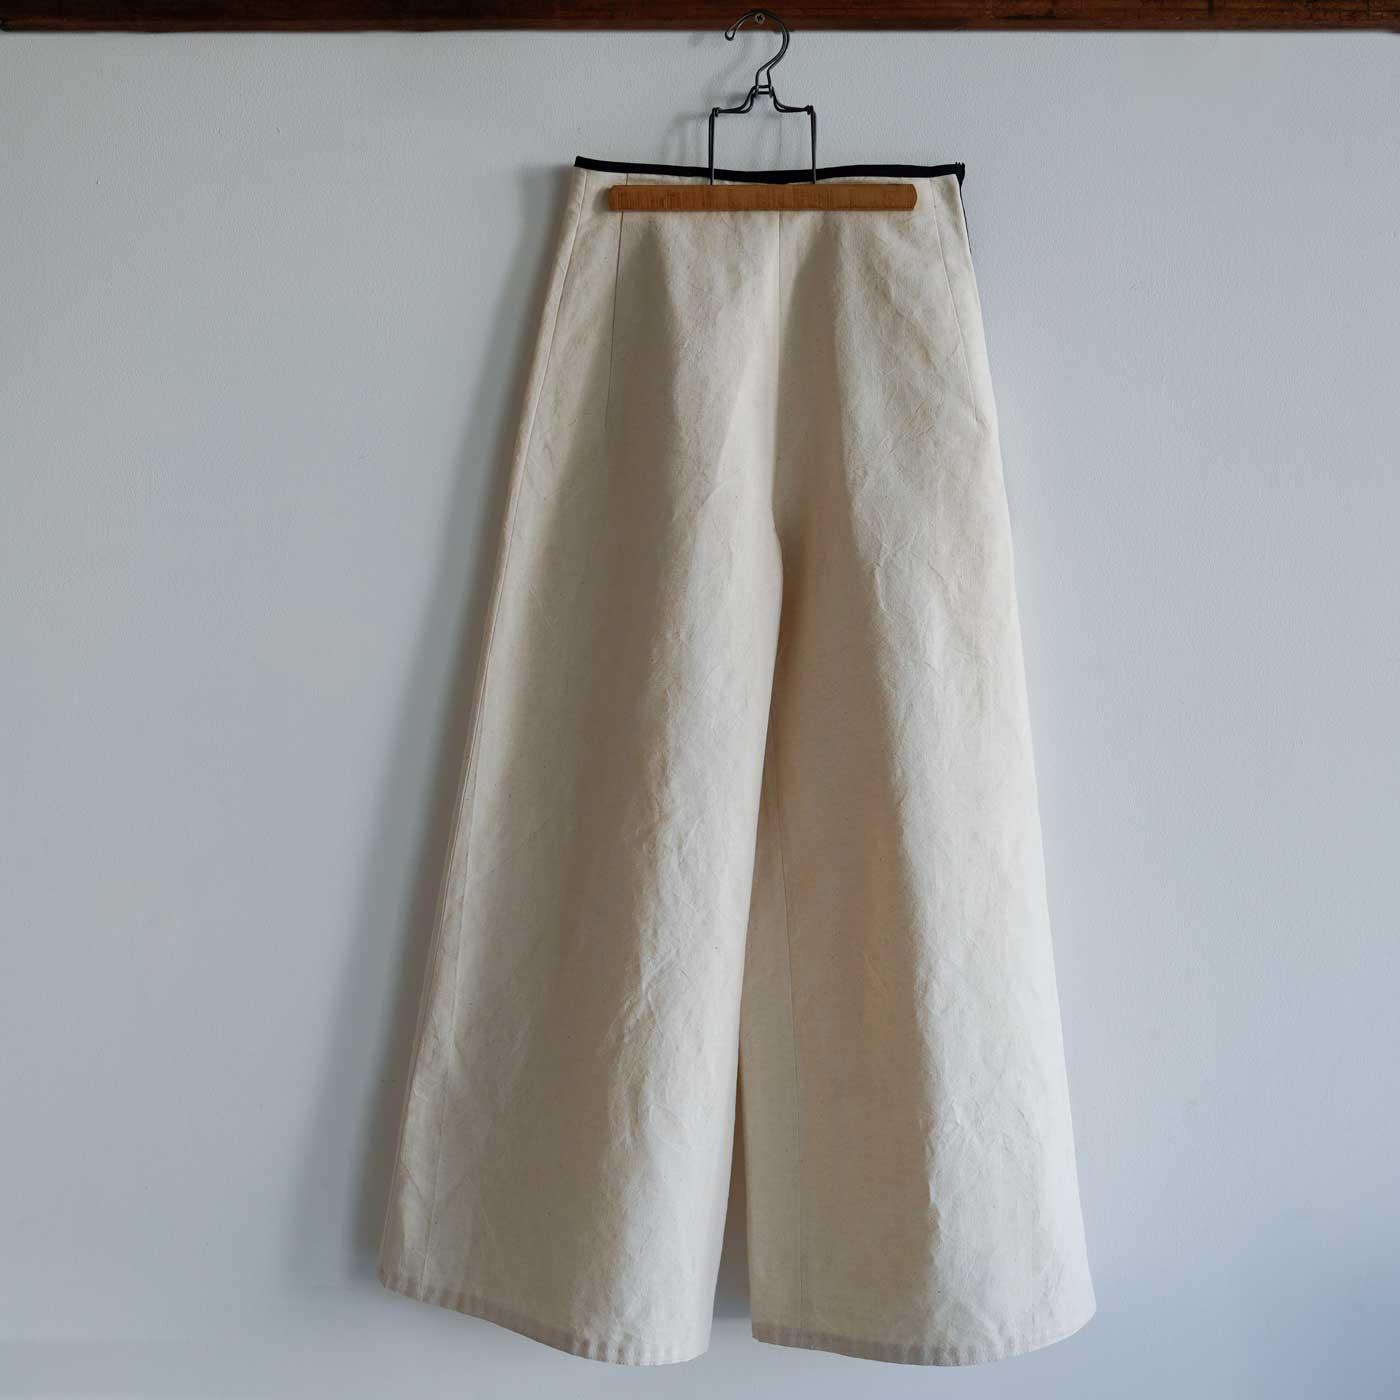 pantalon-dans-de-beaux-draps